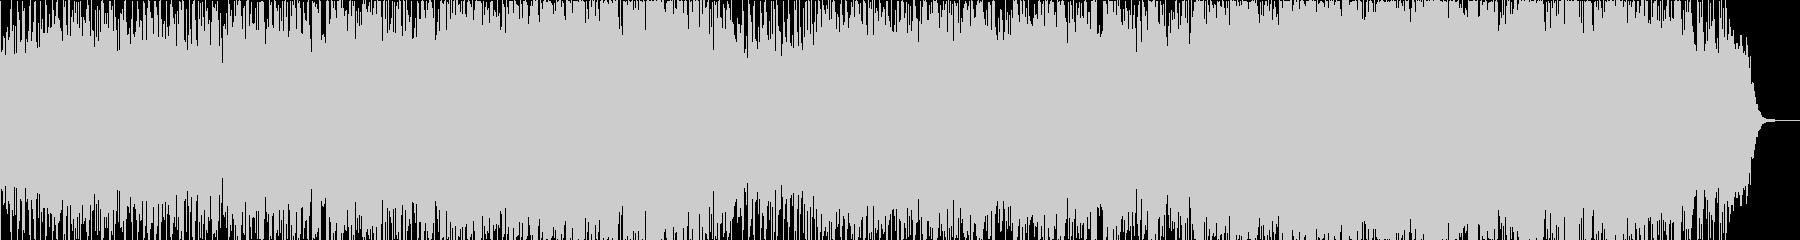 ジブリ風ファンタジックジャズワルツの曲の未再生の波形